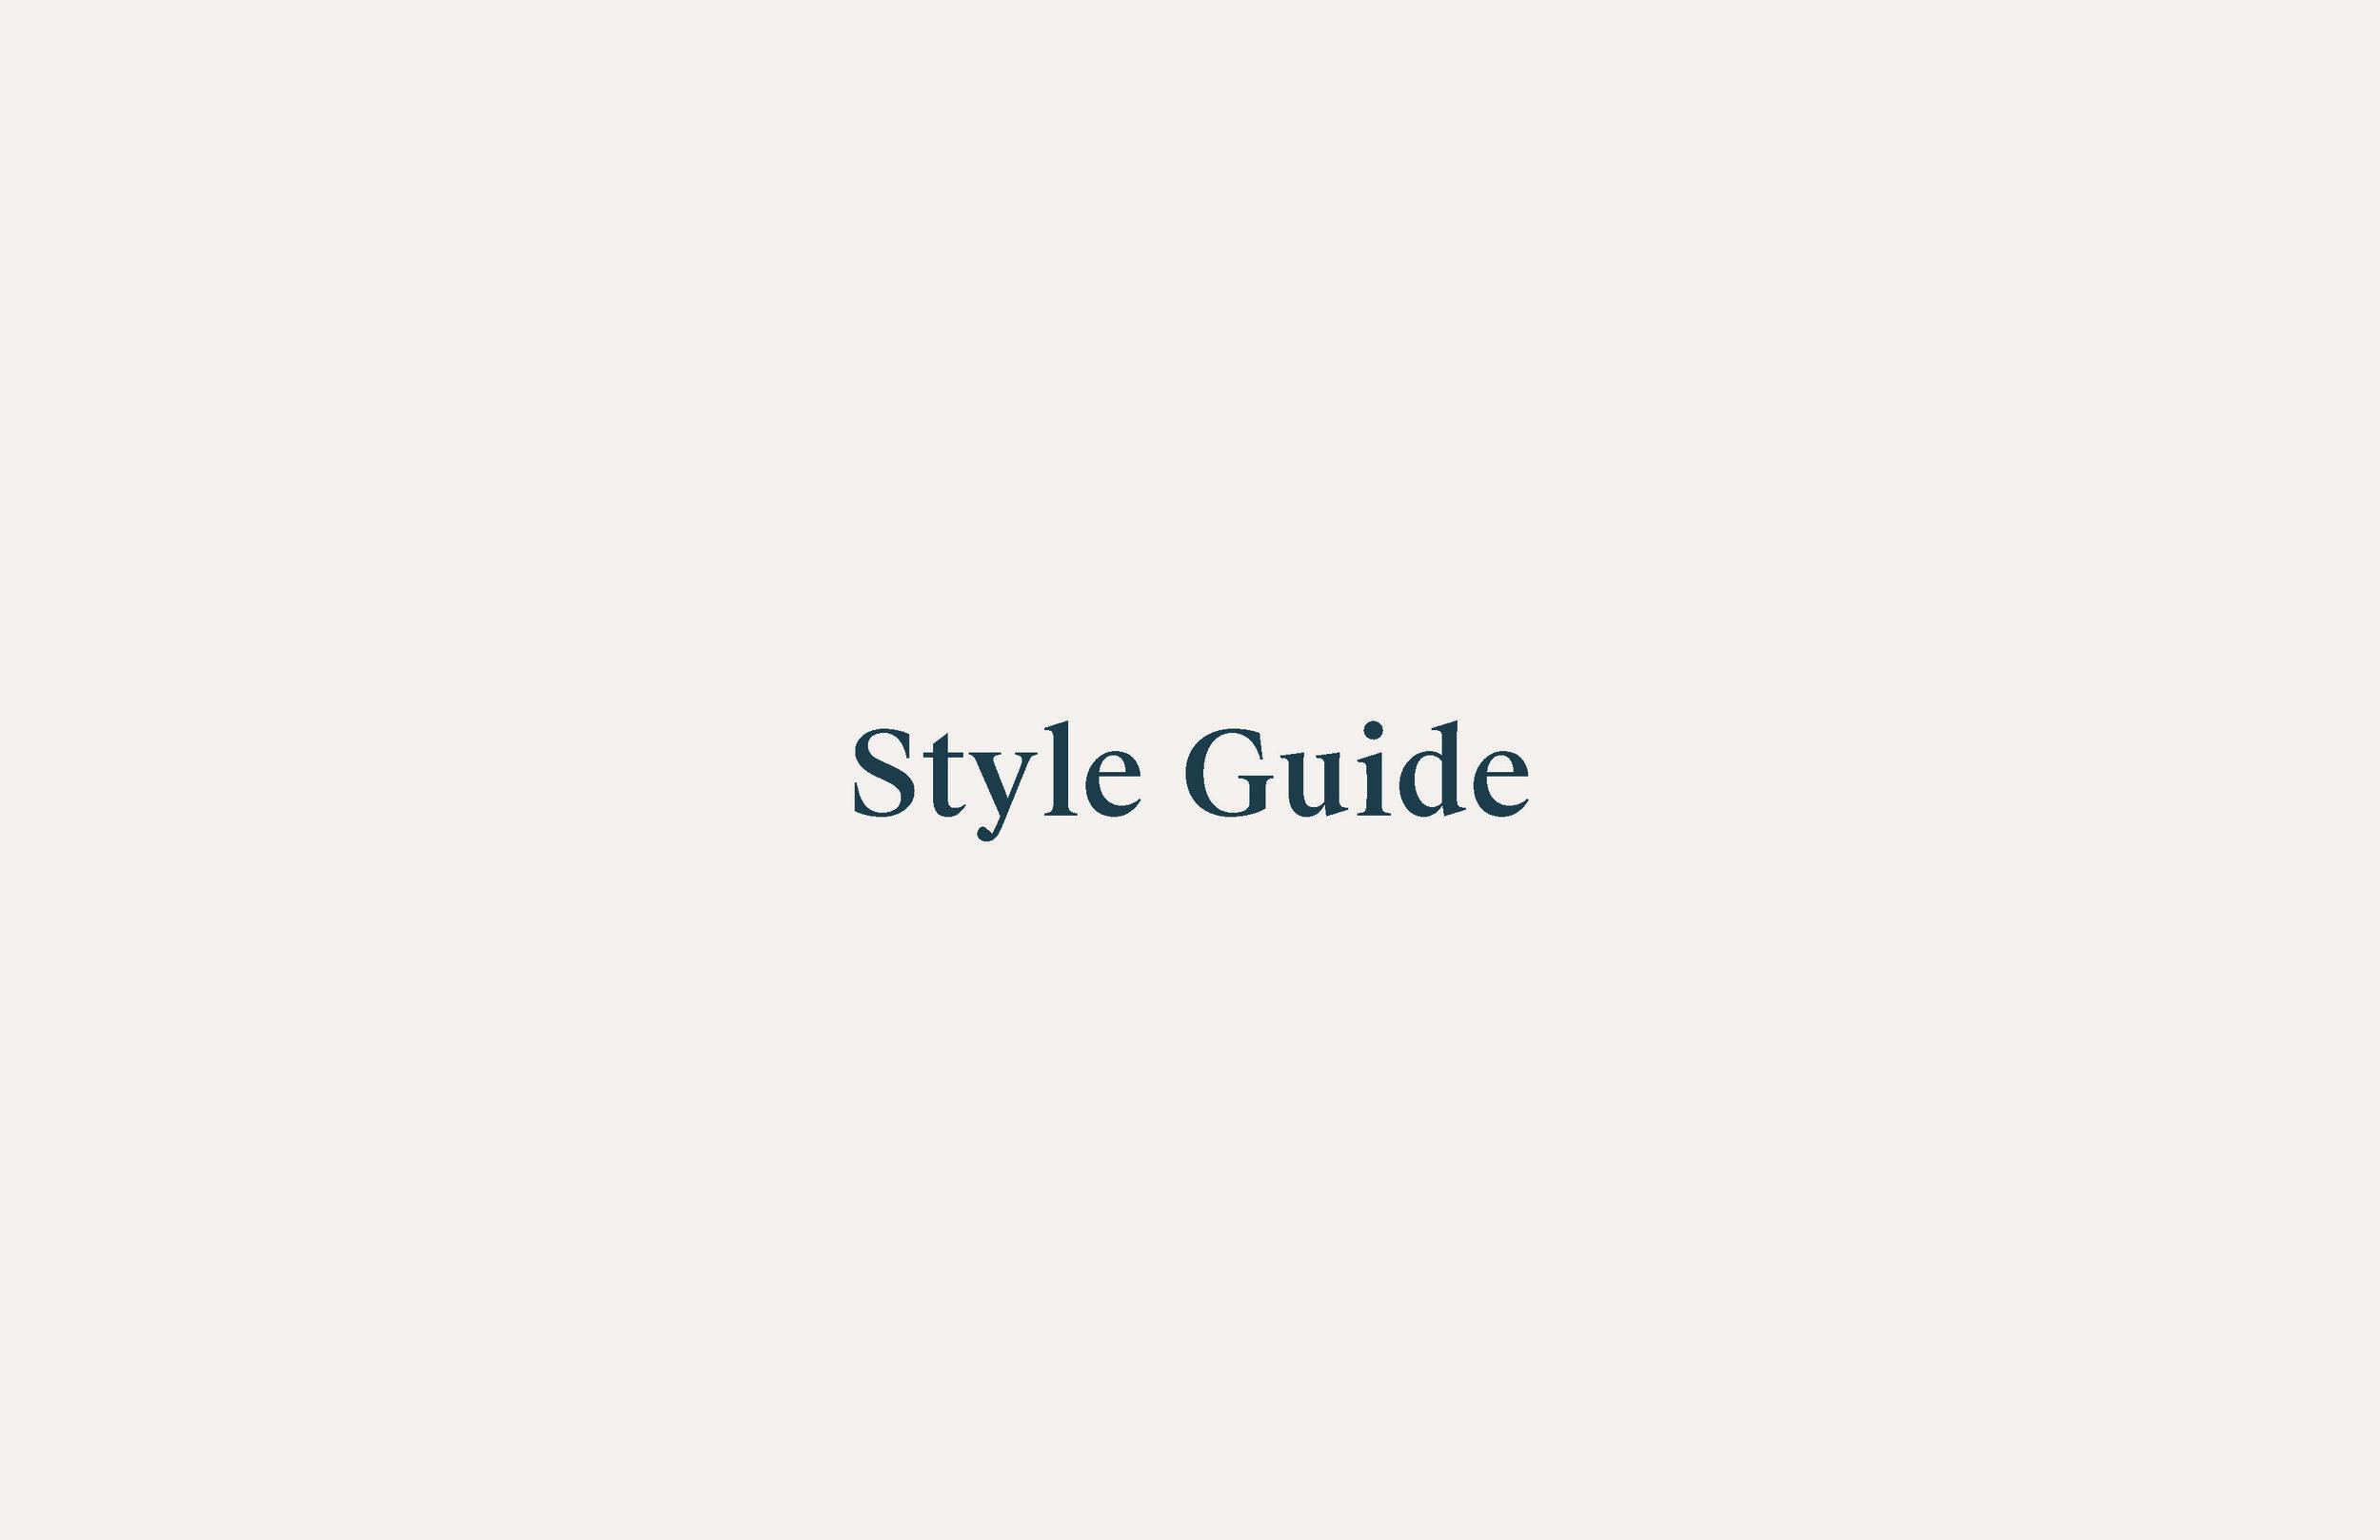 VIR_Brand_Book_060316_UpdatedNames_Page_21.jpg